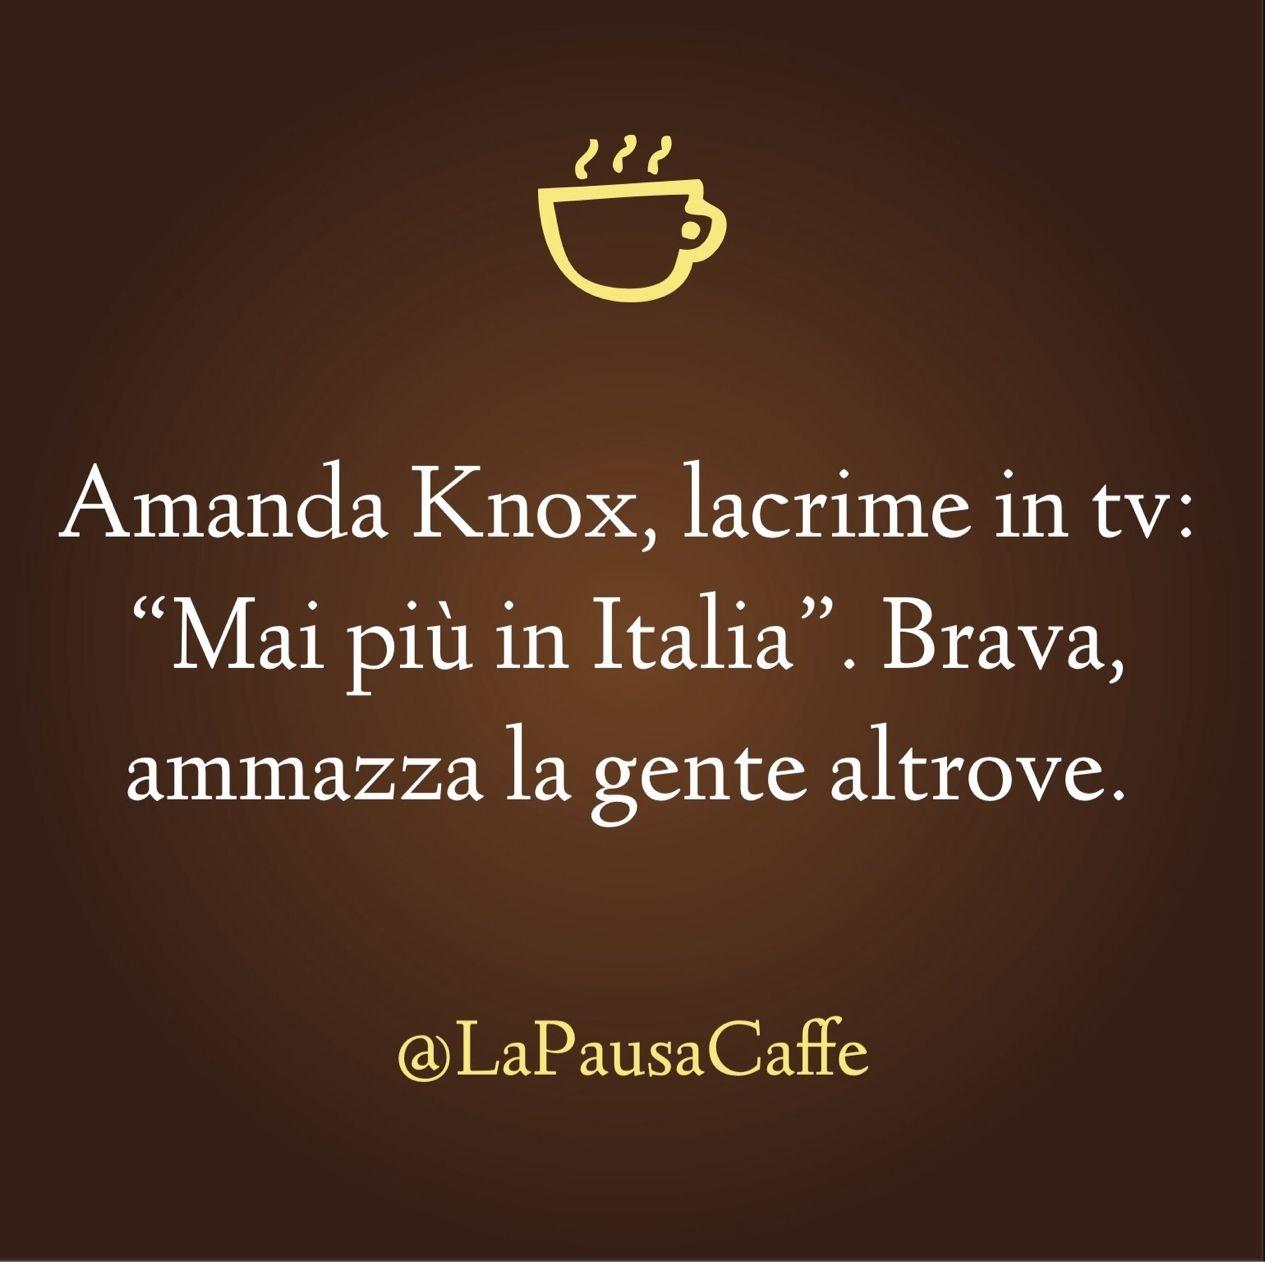 Amanda Knox, lacrime in tv...  [ #satira ]